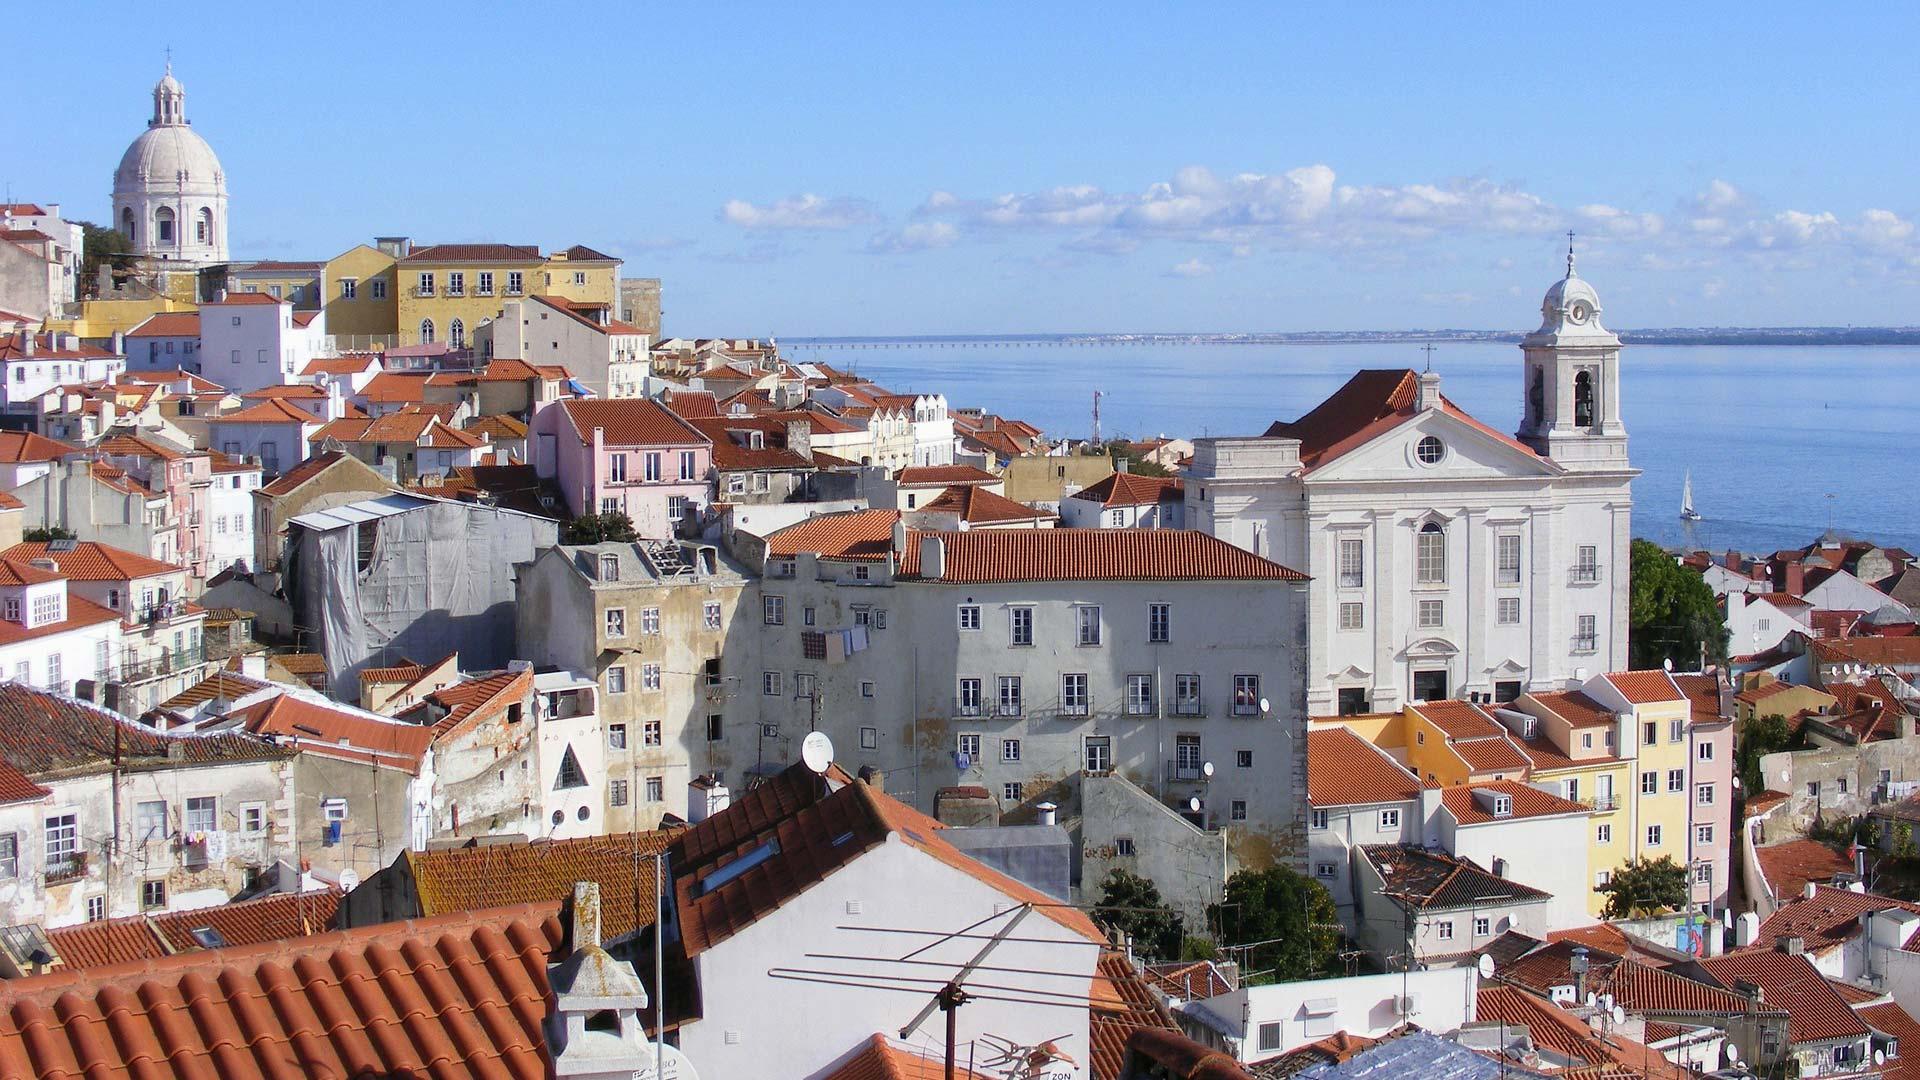 Lissabon Sehenswürdigkeiten Top 10